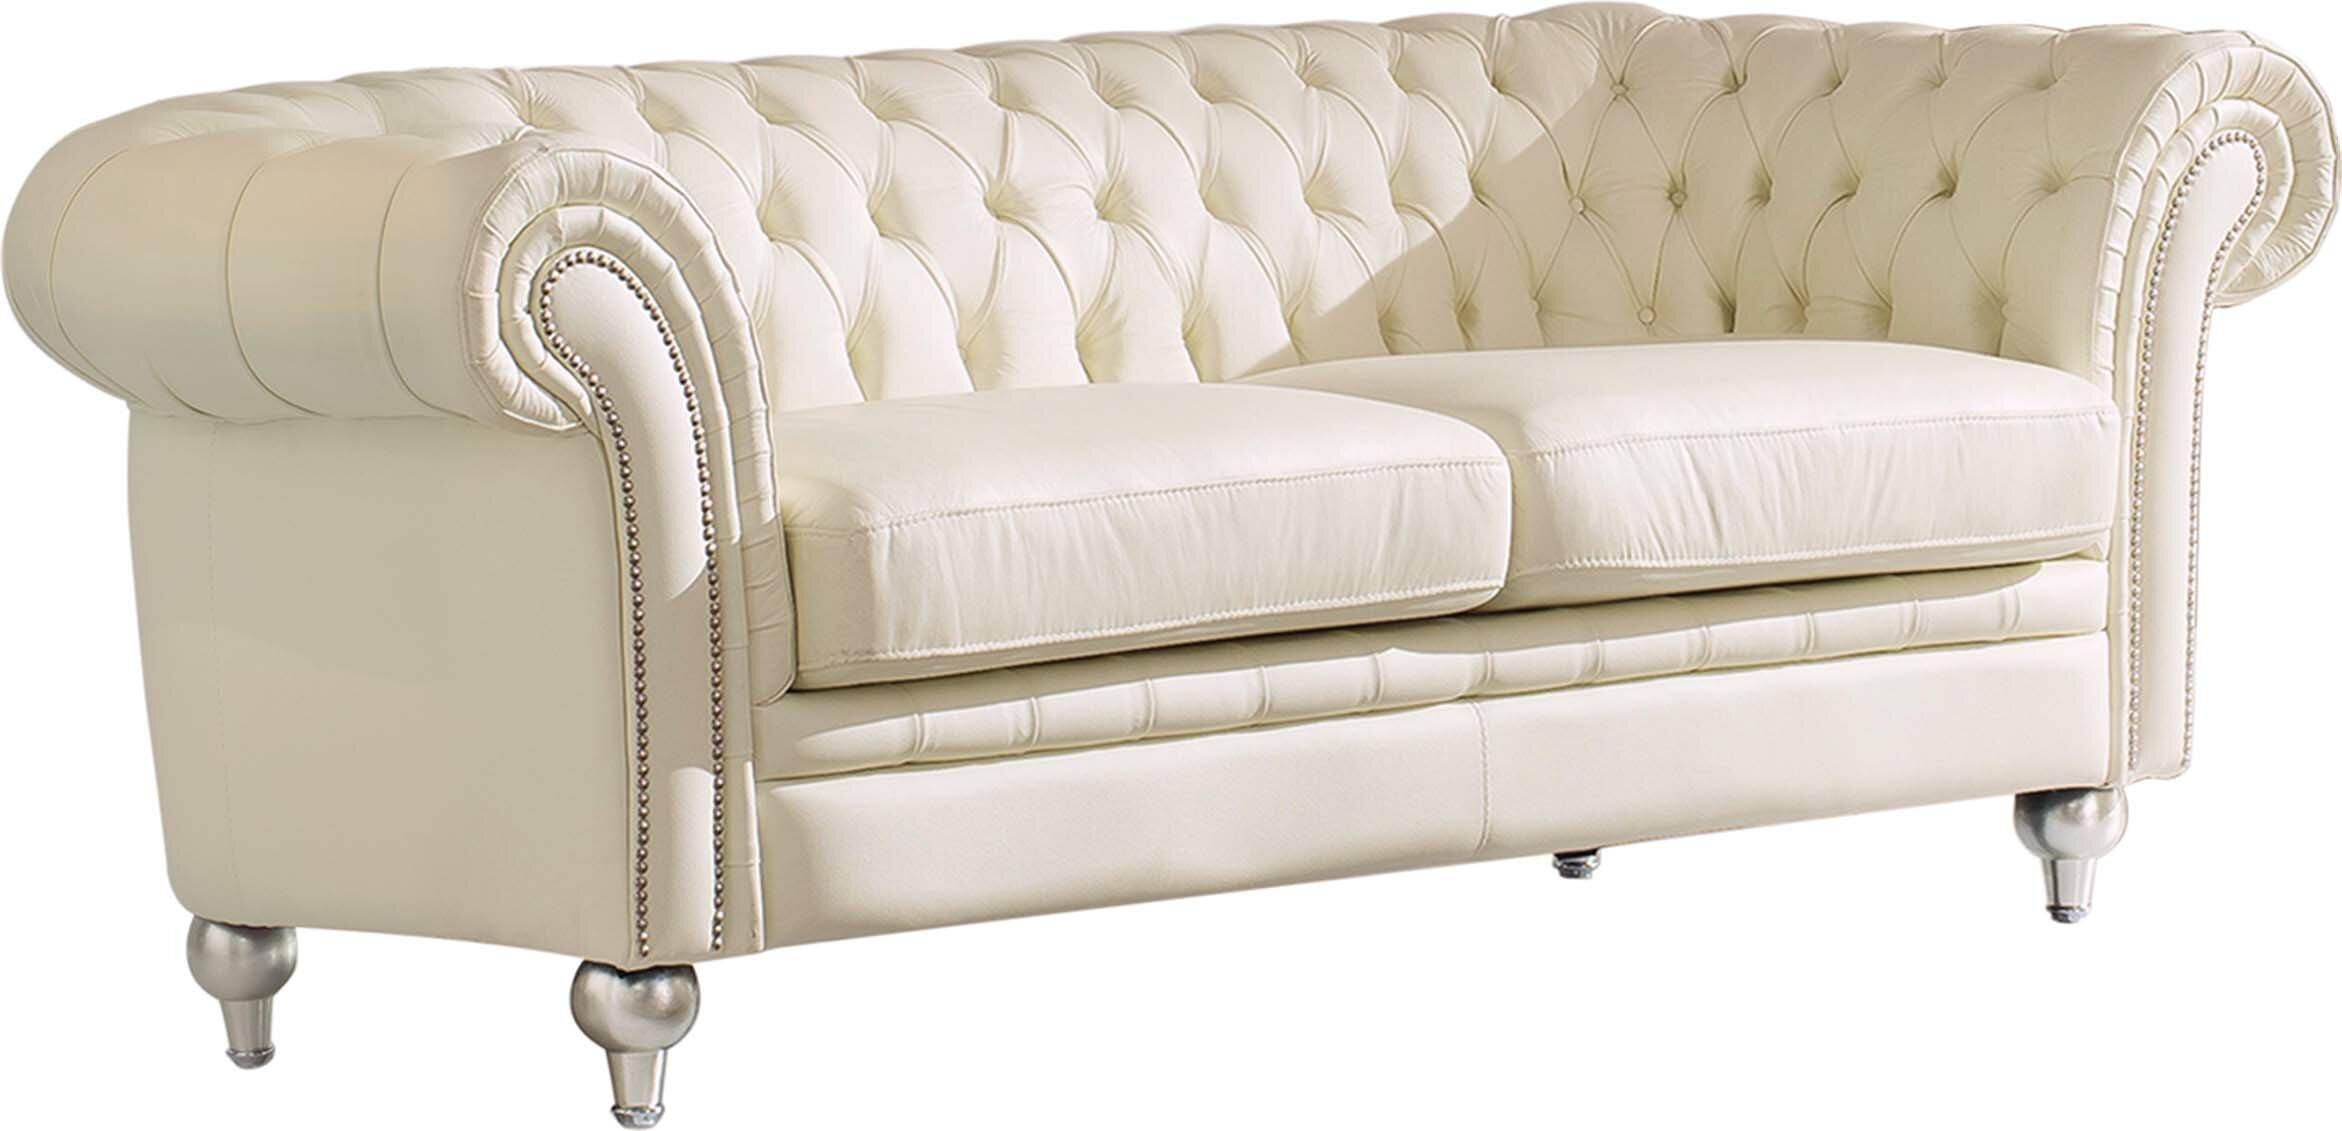 Adelina Leather Tufted Sofa